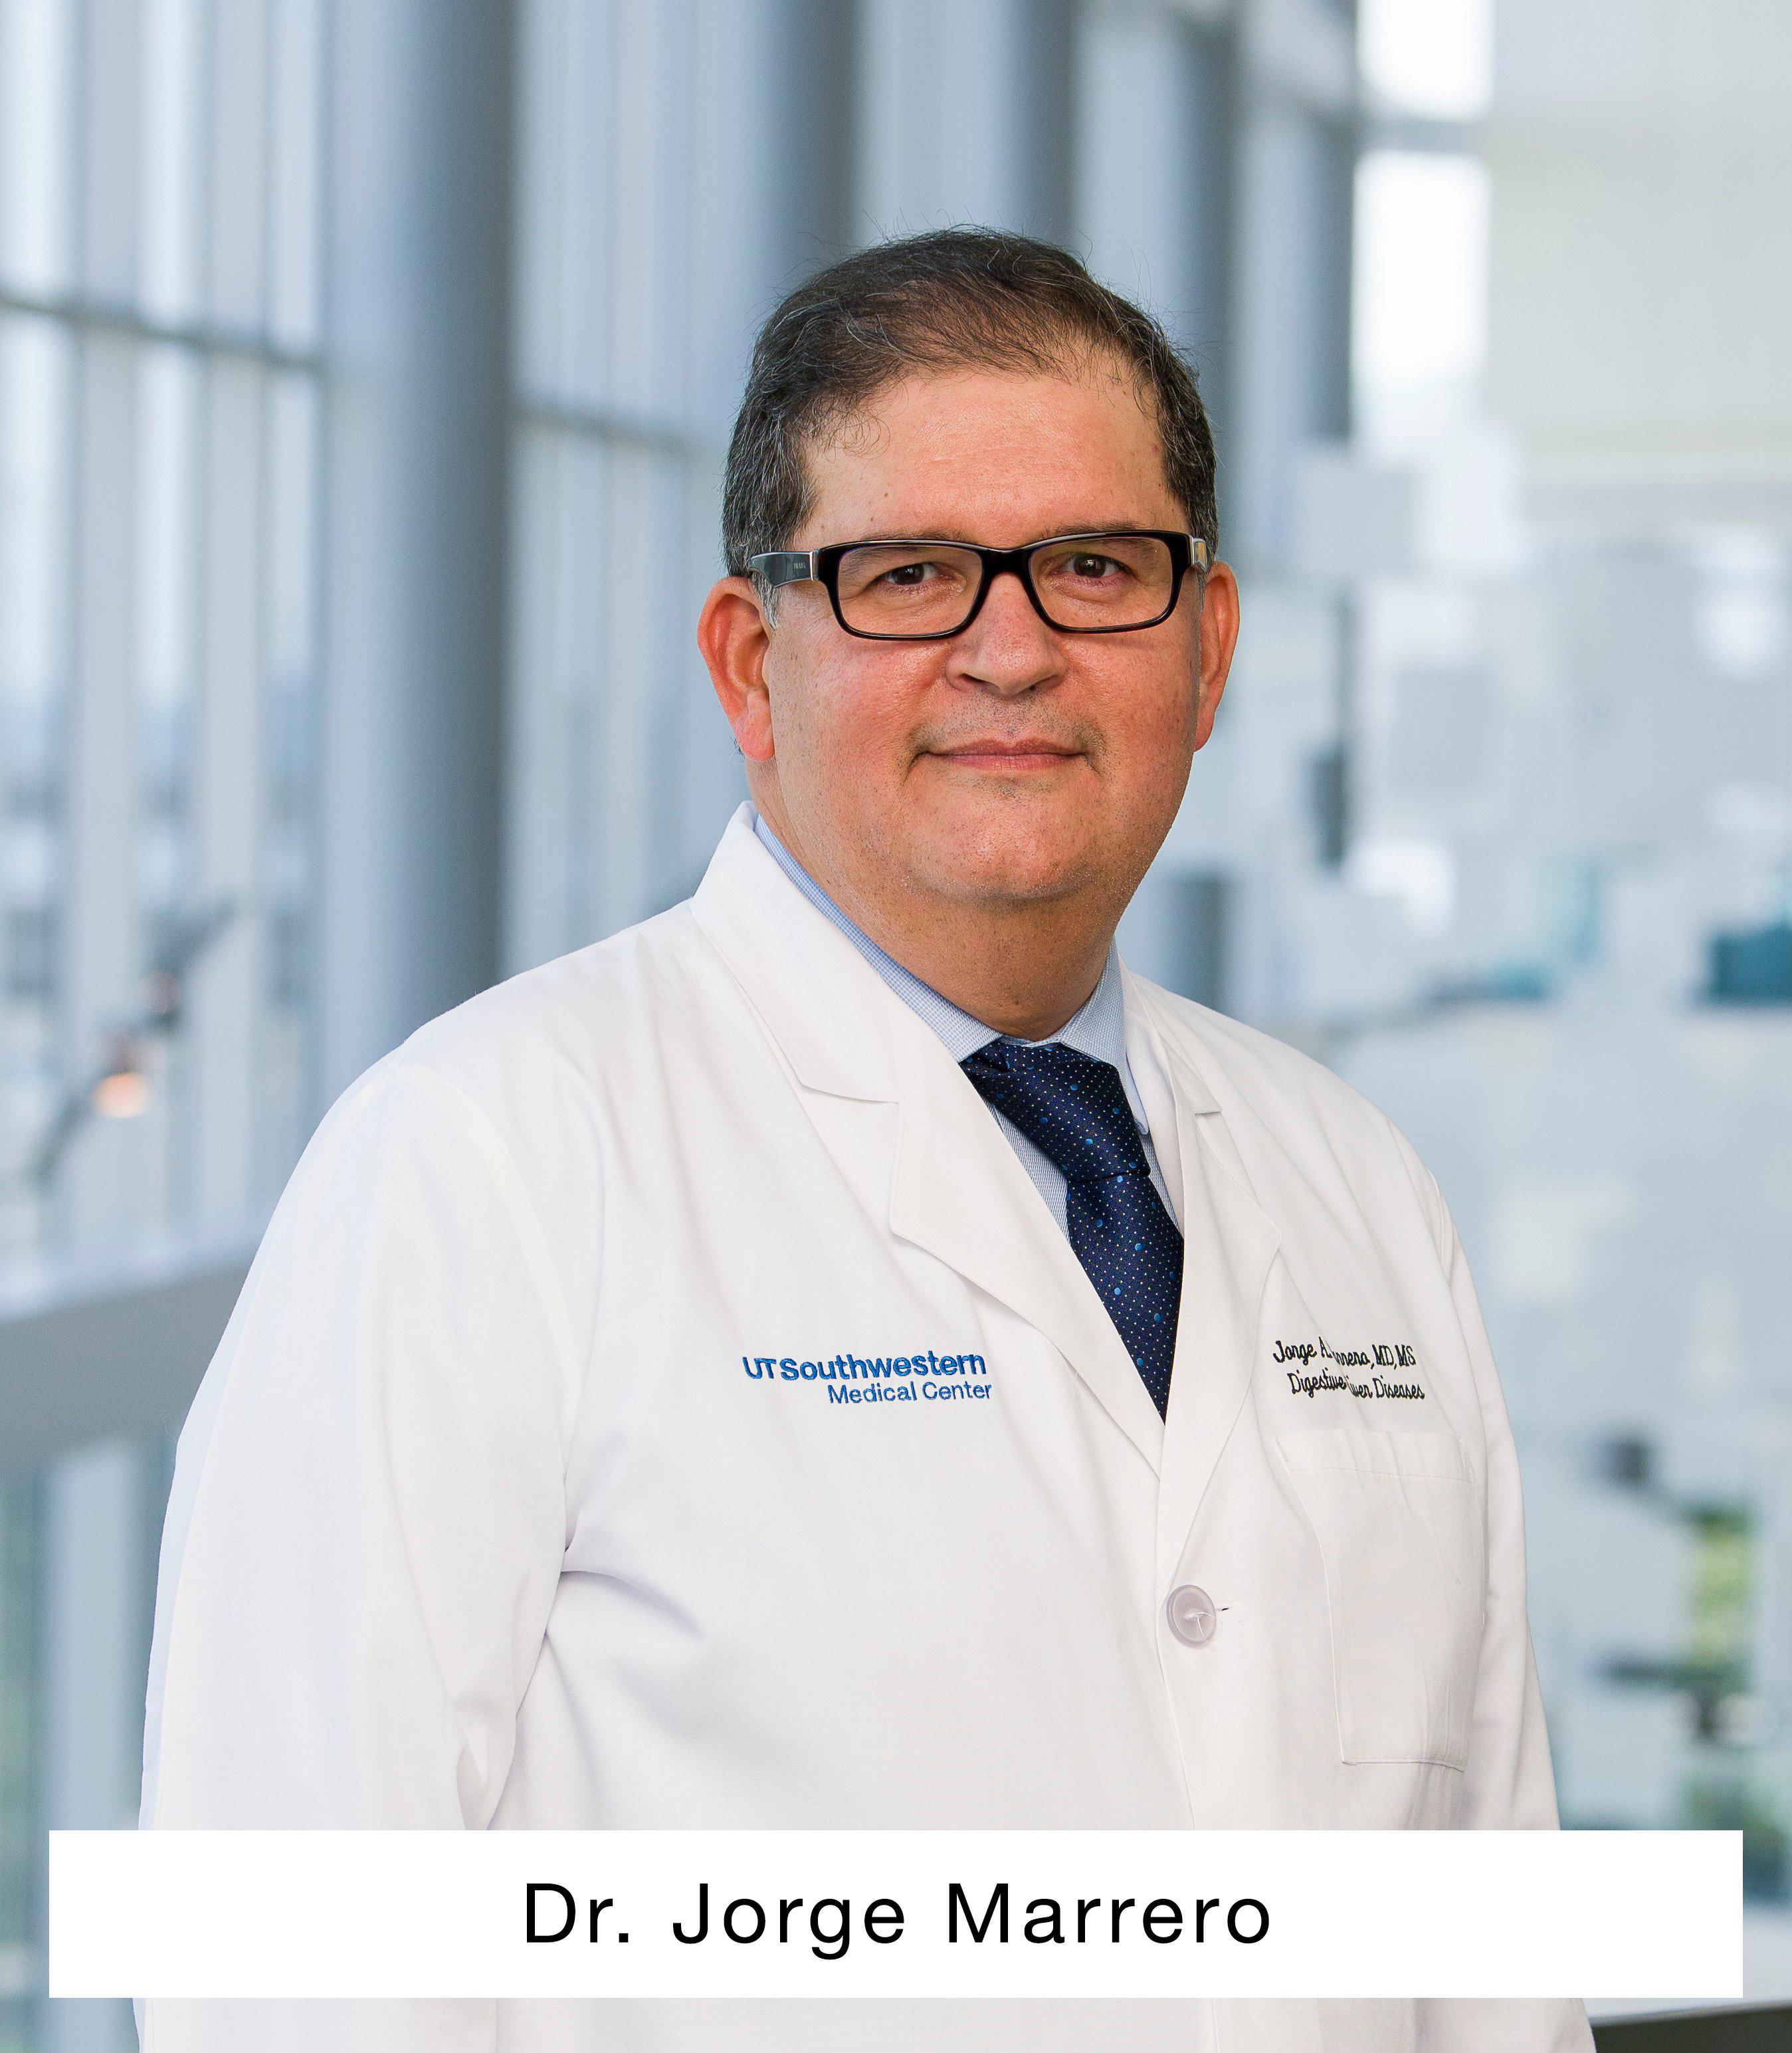 Dr. Jorge Marrero